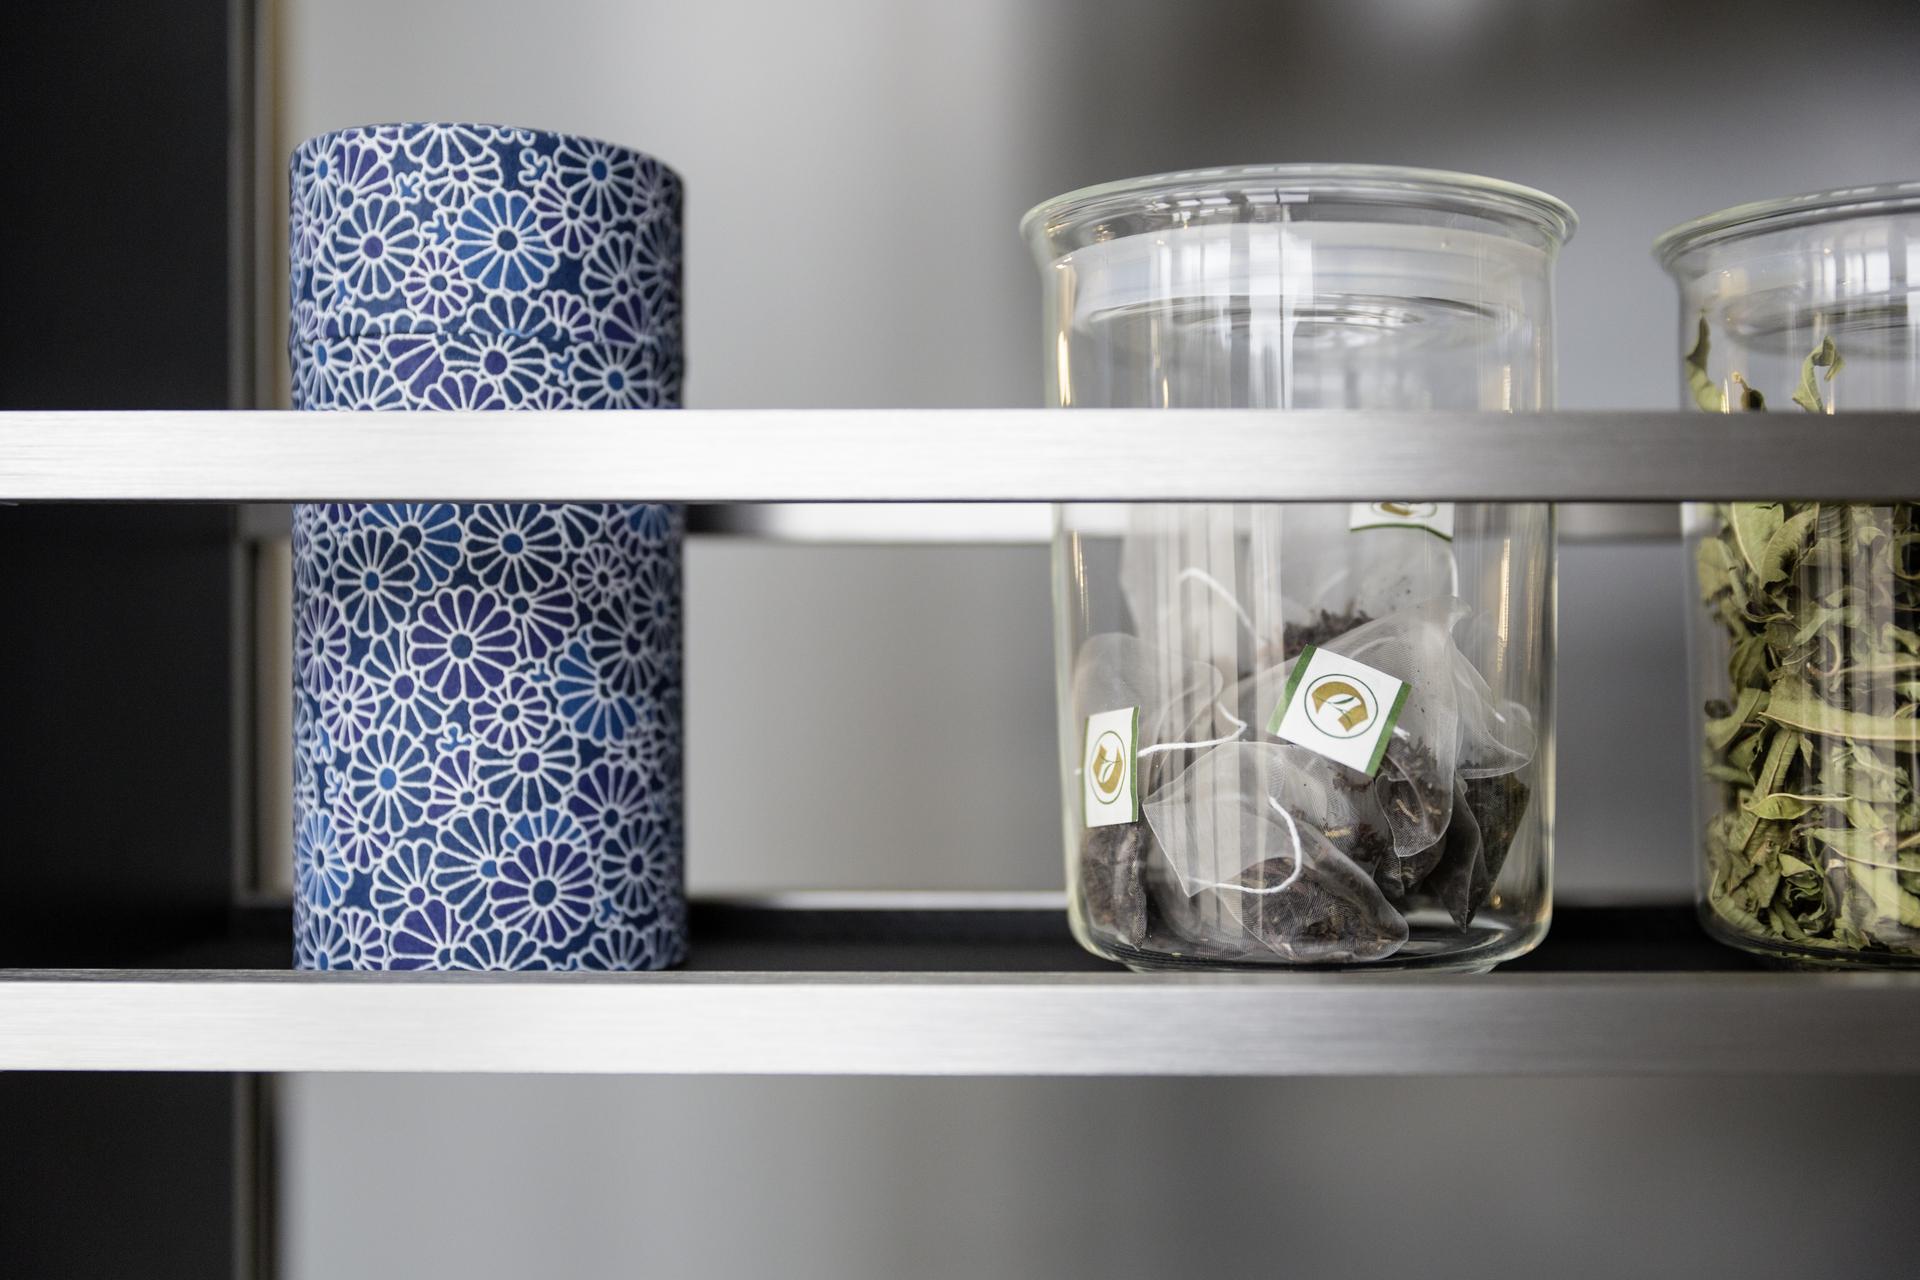 dekoracyjne pojemniki do kuchni